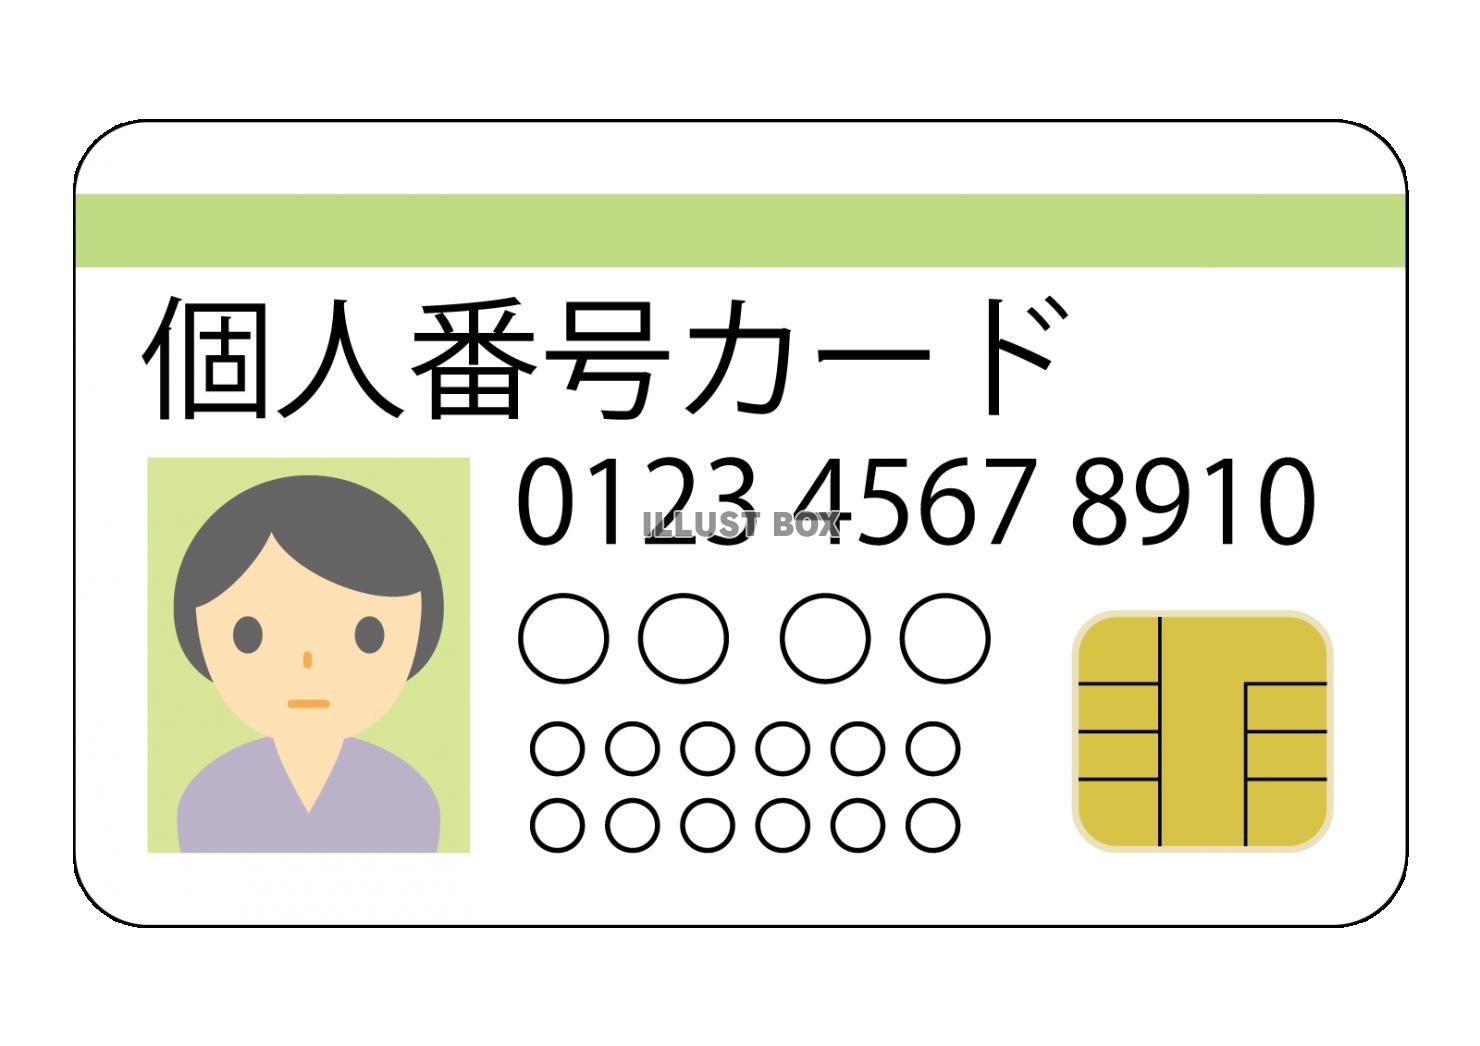 マイナンバーカードのサンプルイメージ